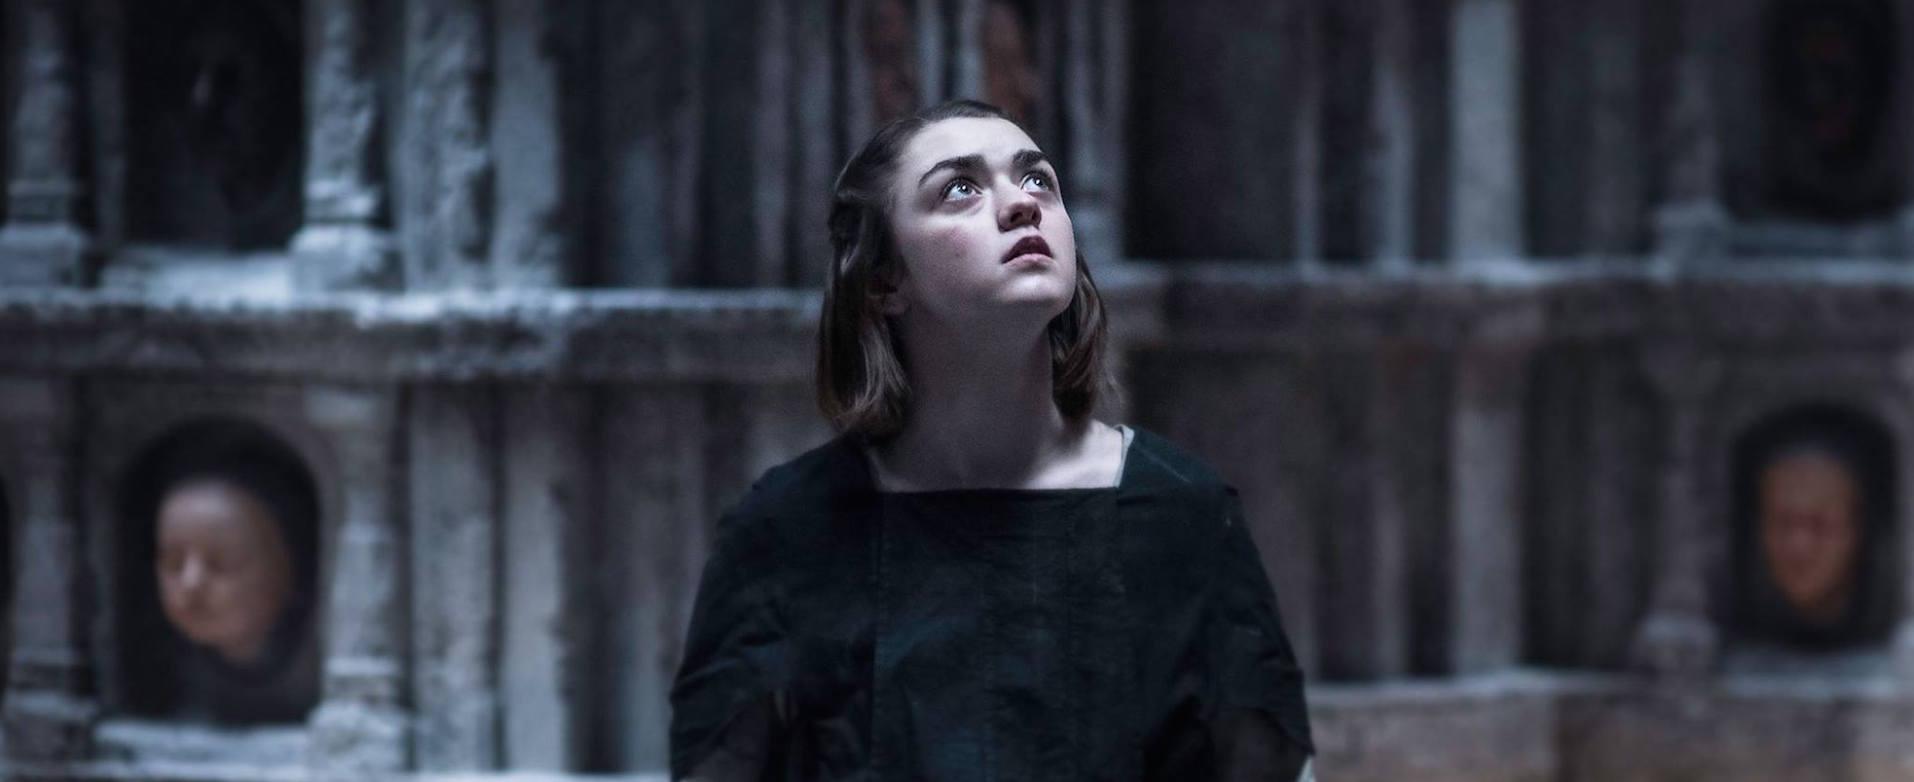 #Juegodetronos 6 impulsa a las hermanas Stark. Arya tendrá que sobrevivir (Fotografía del Facebook oficial de Juego de tronos).